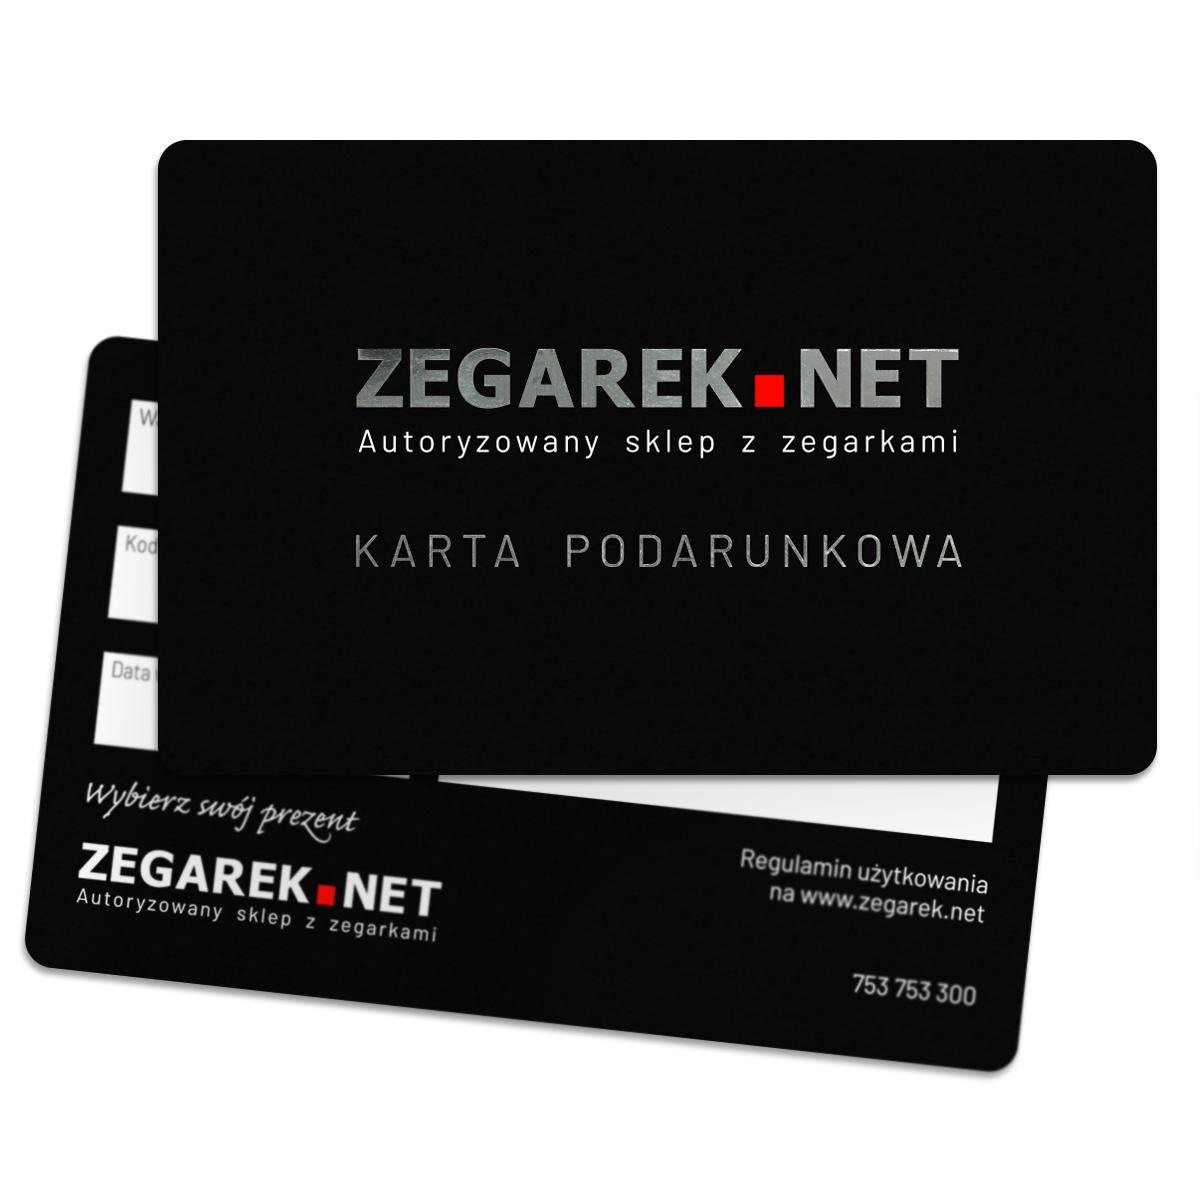 Karta podarunkowa Karta podarunkowa 200 zł - duże 3